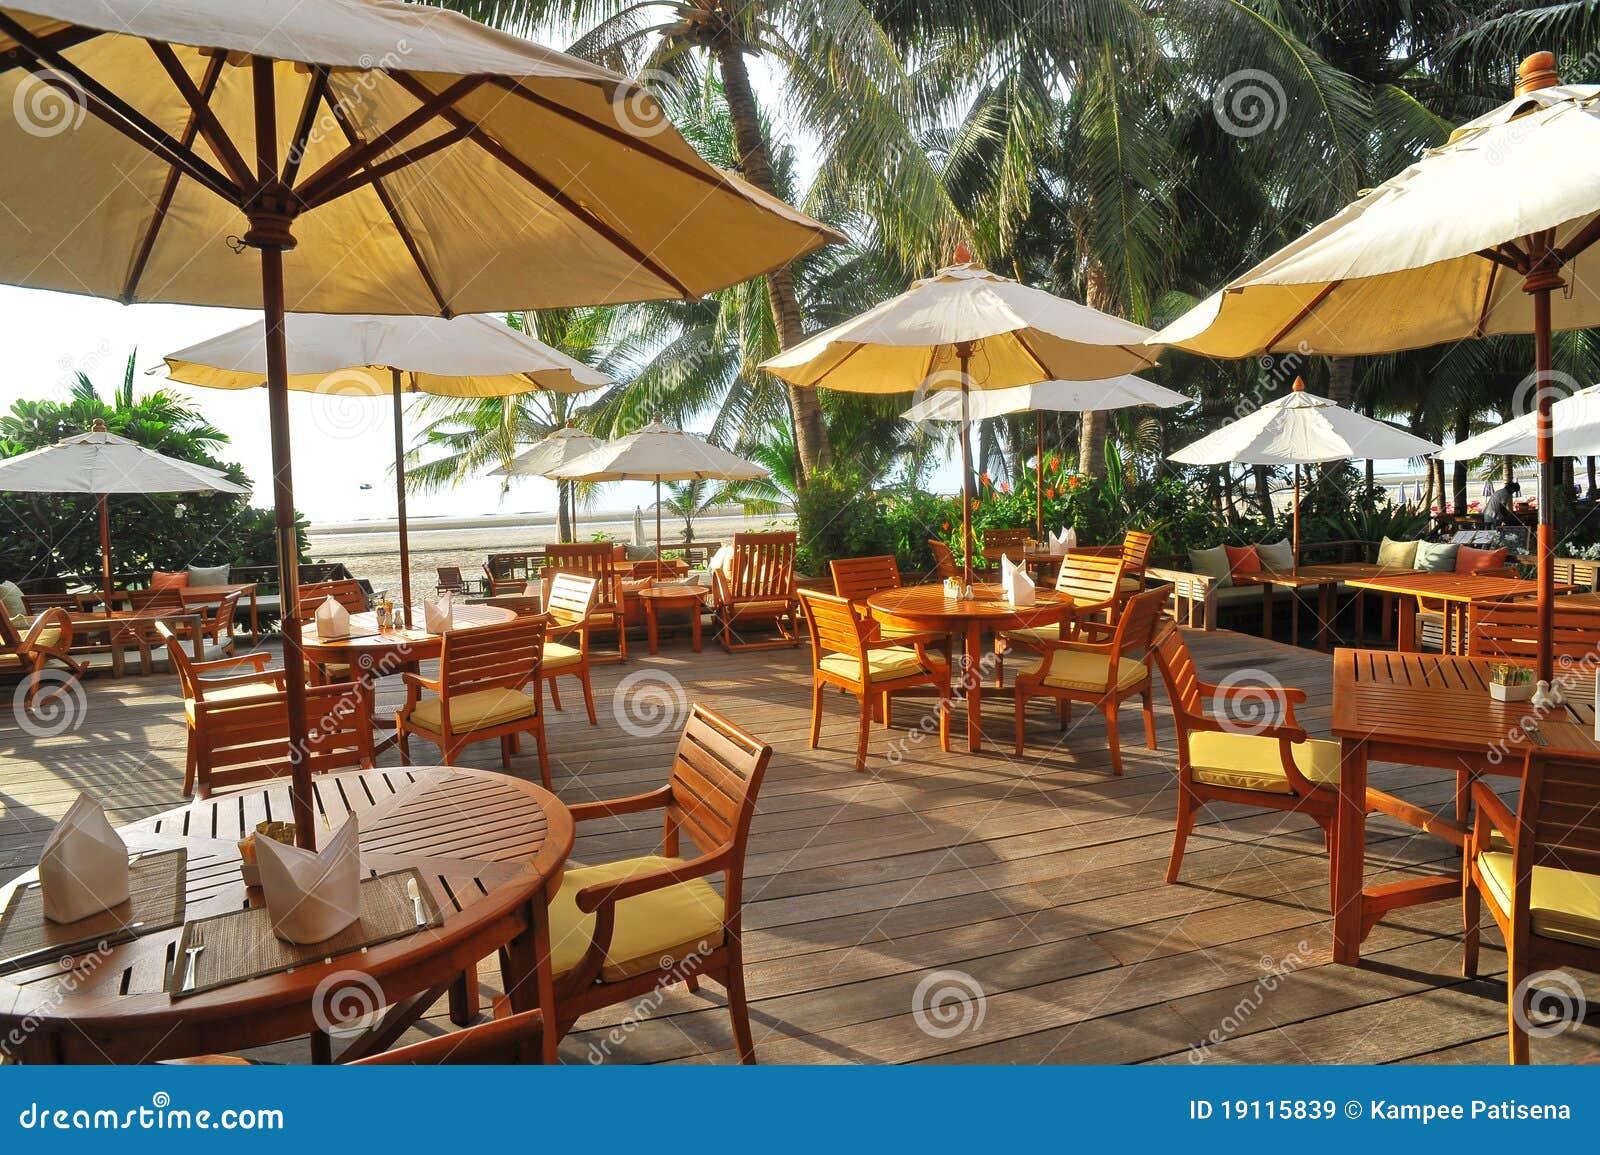 Restaurant ext rieur la plage la tha lande images for Exterieur restaurant